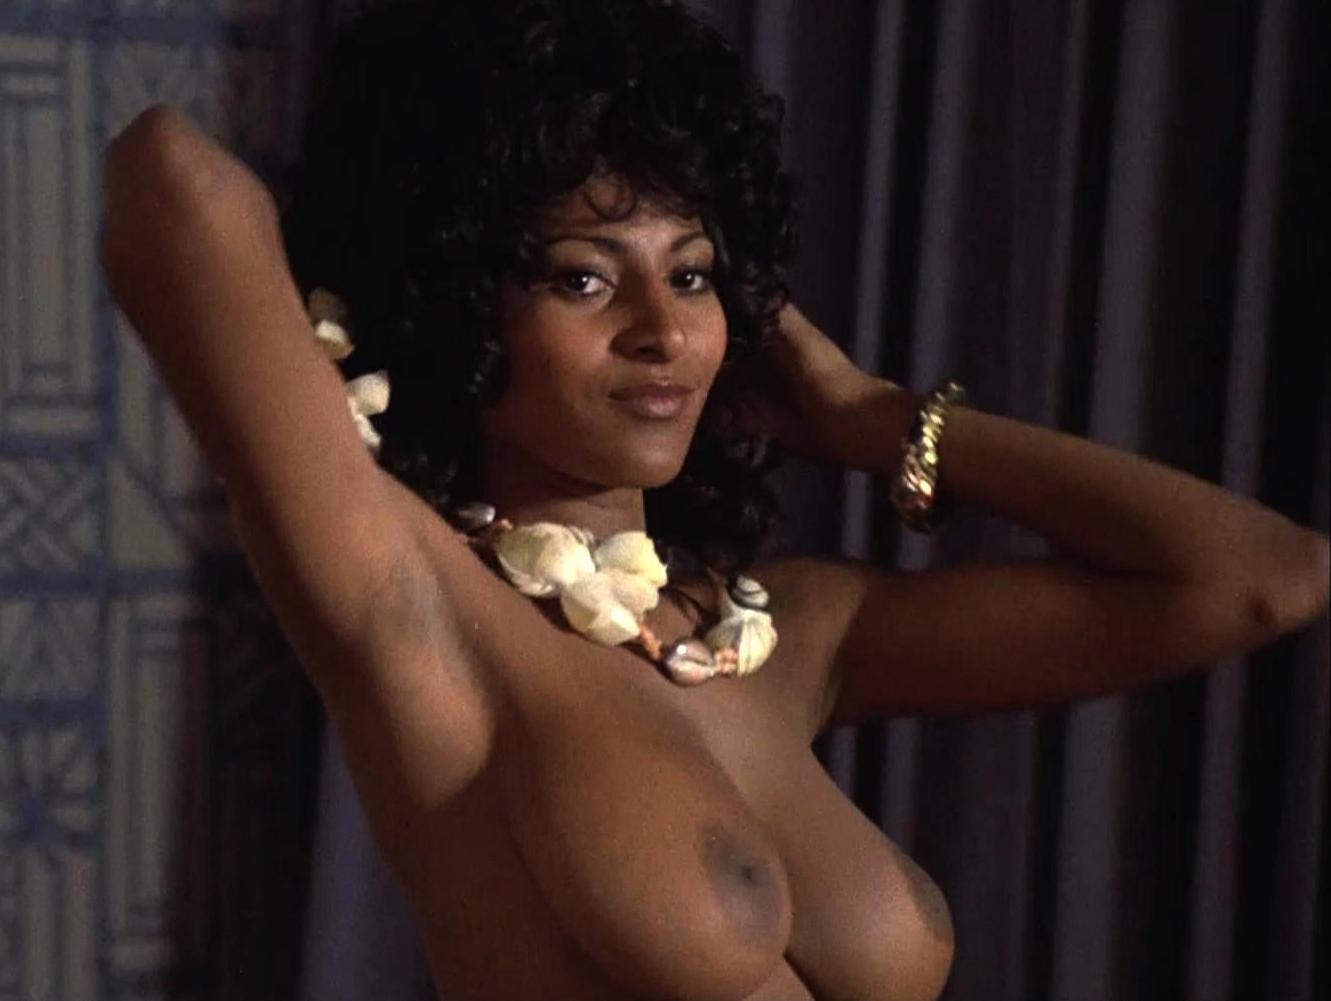 Pamela grier naked pics